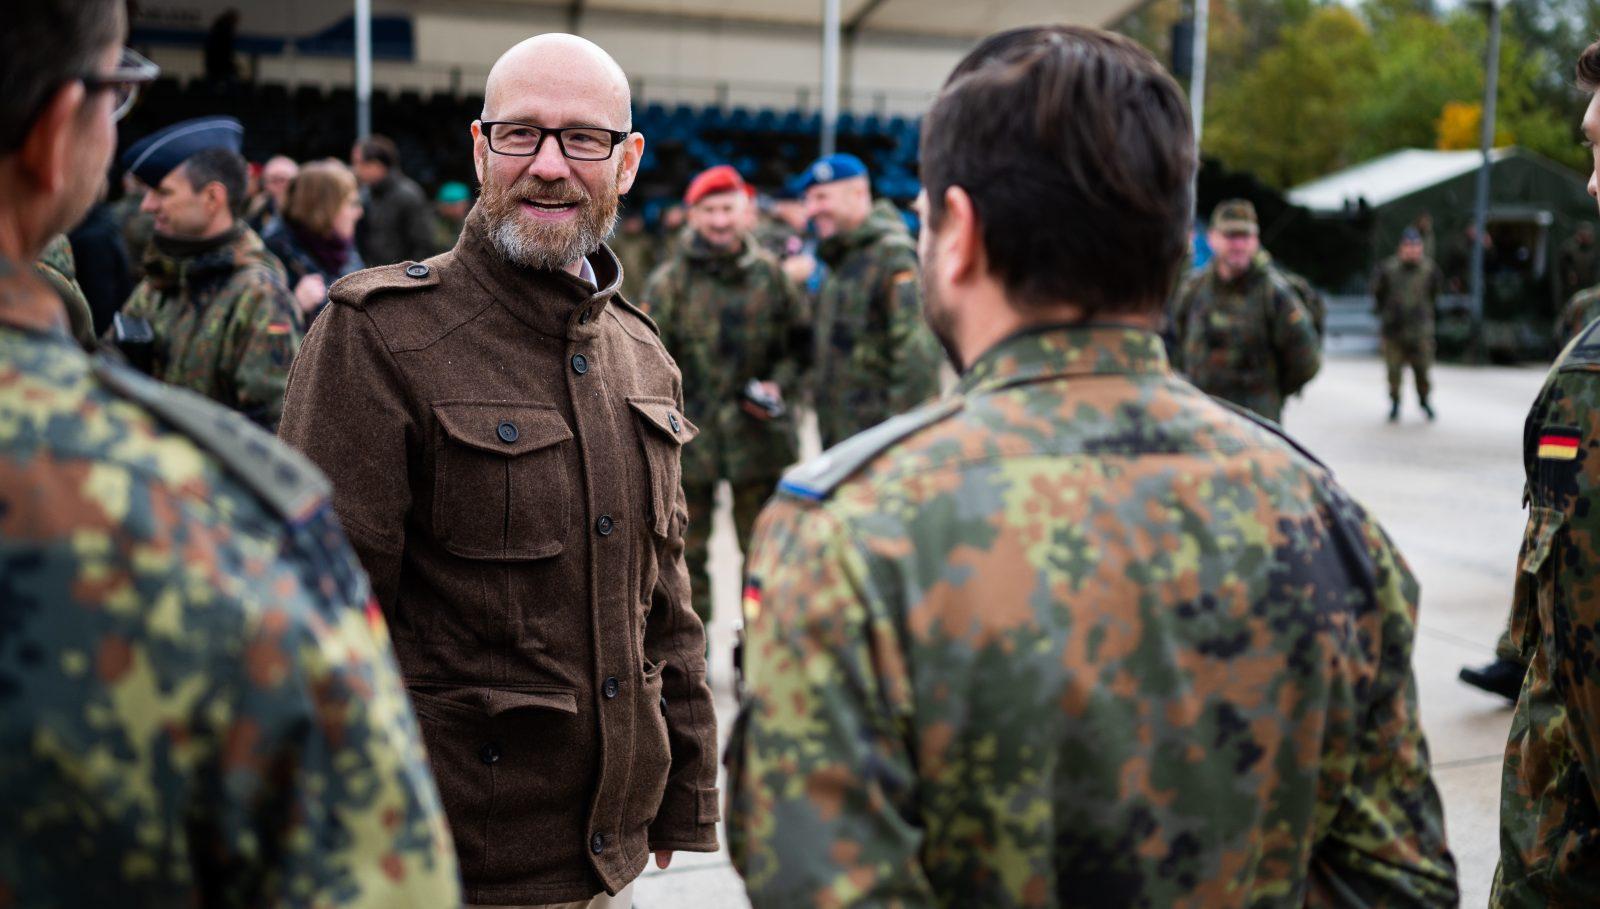 Informationslehrübung der Bundeswehr